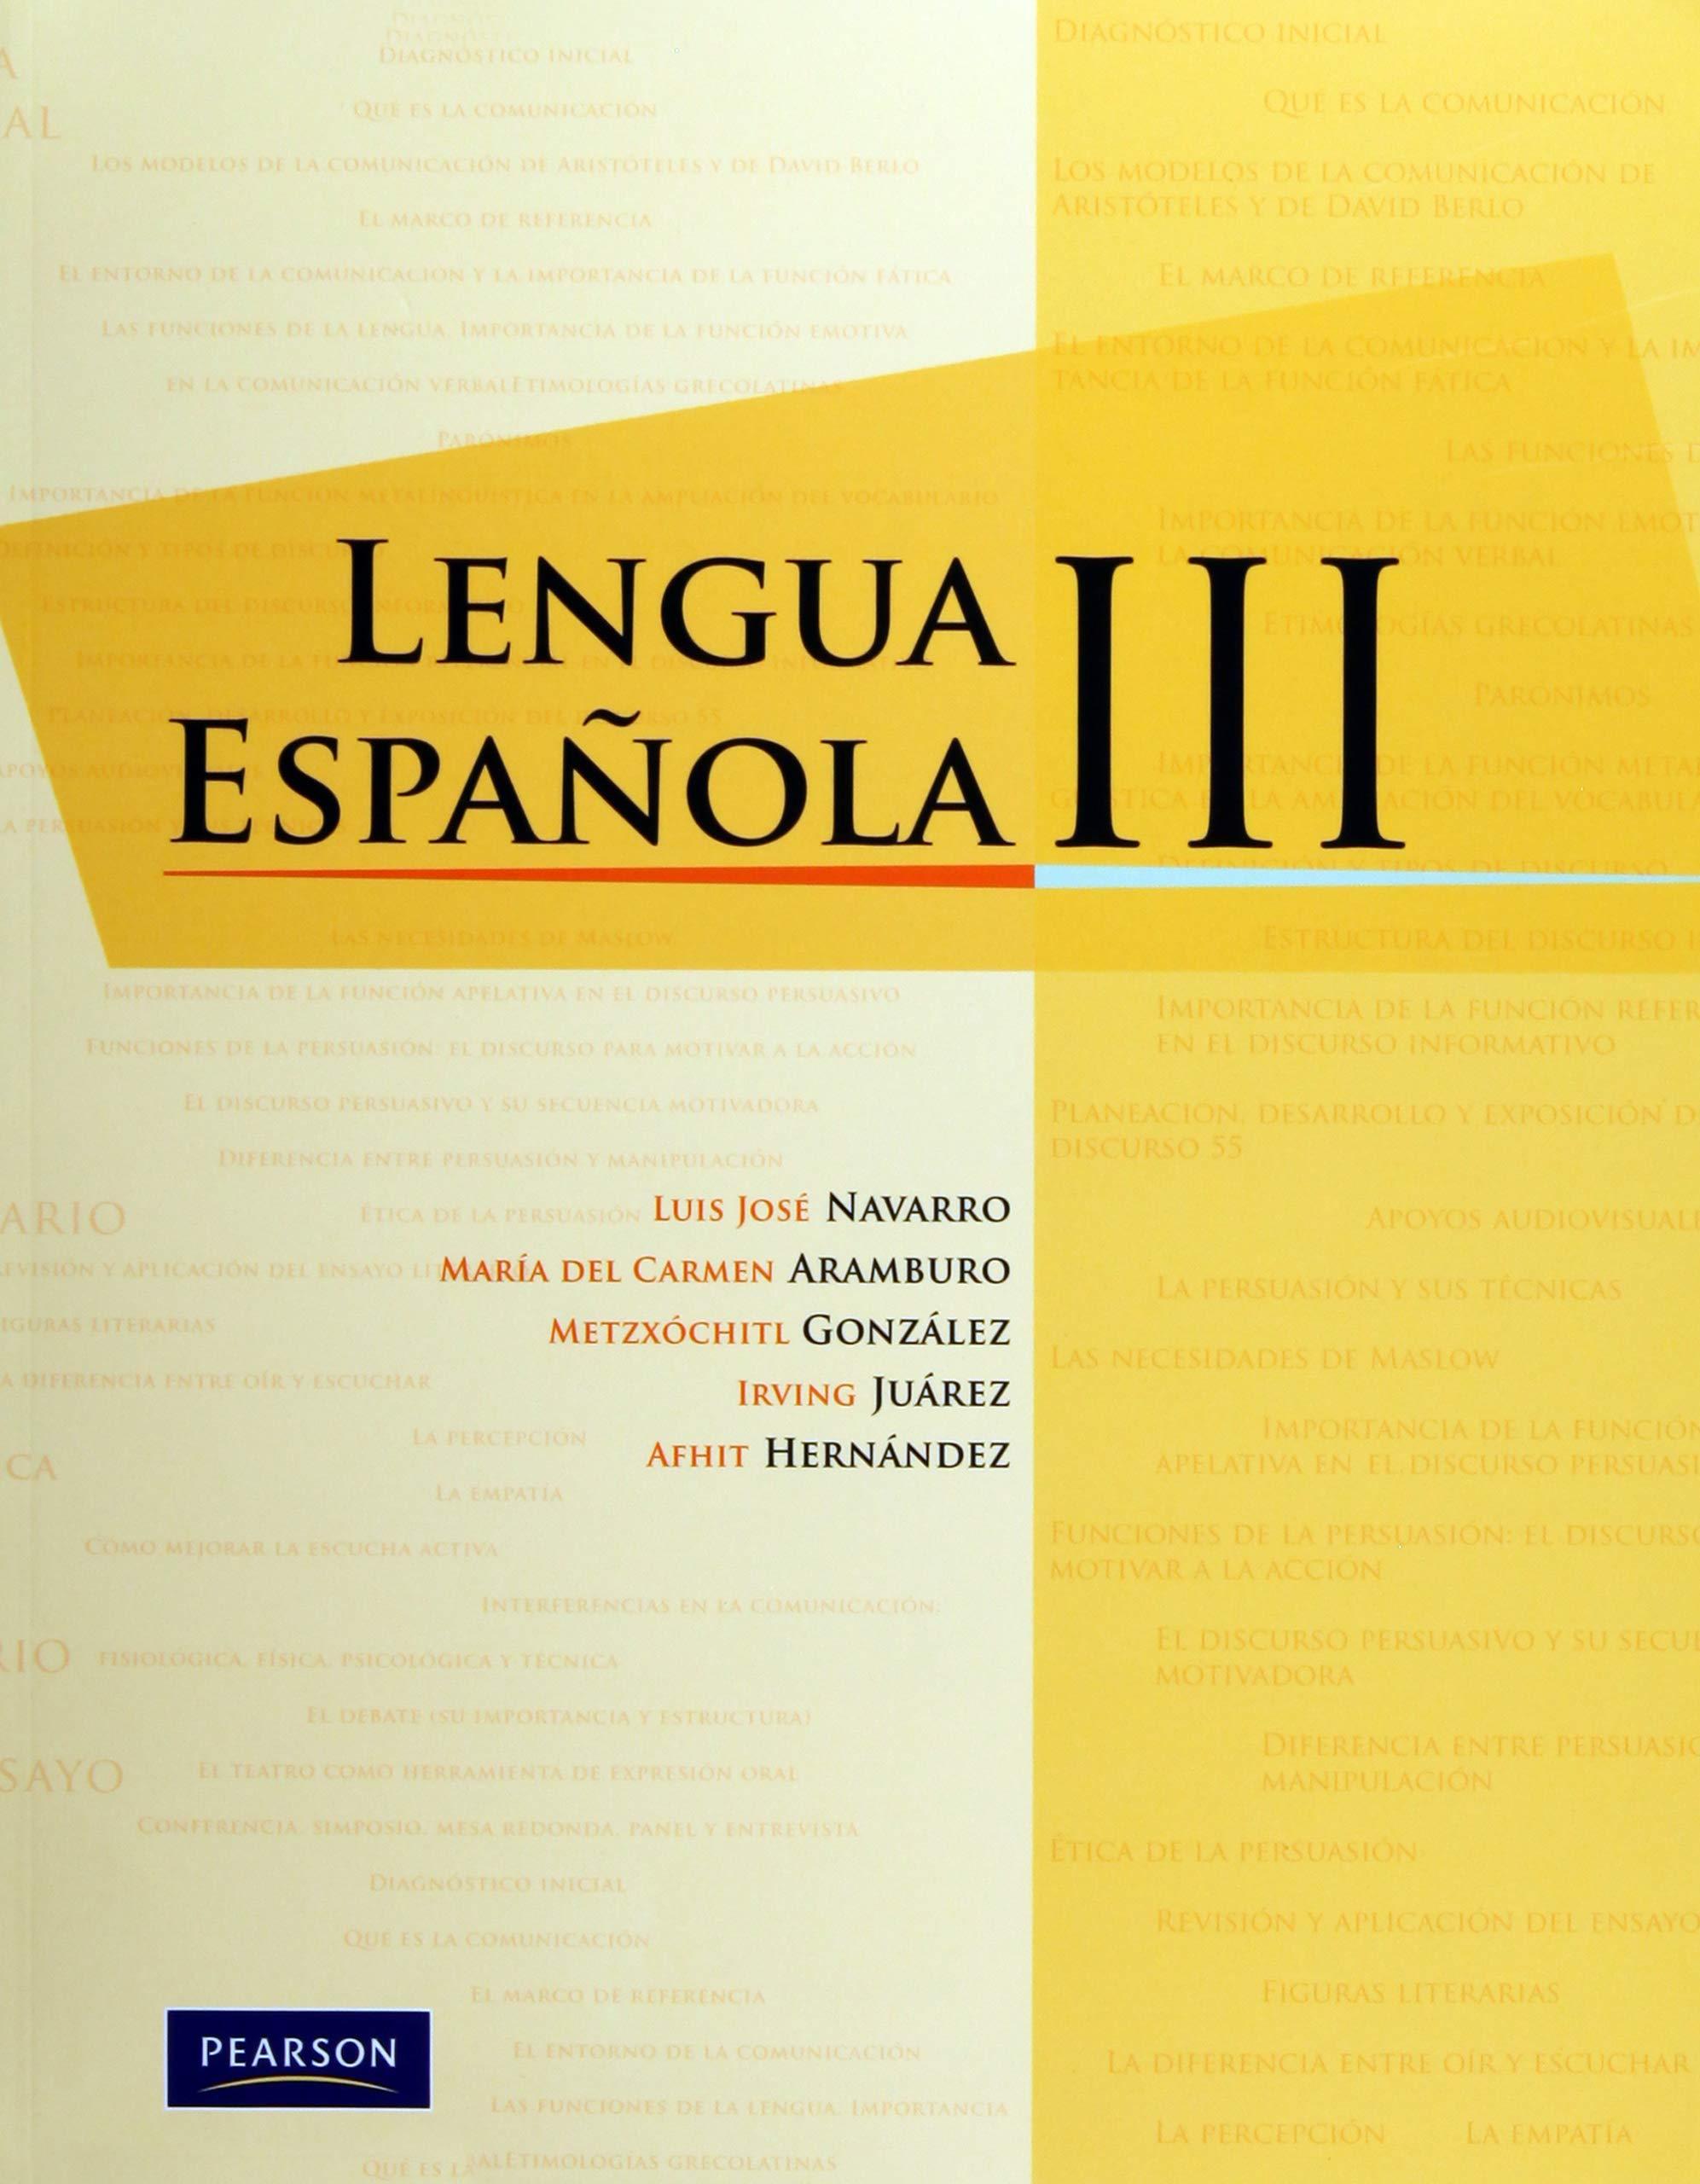 Lengua Española Iii Spanish Edition Vv Aa 9786073202916